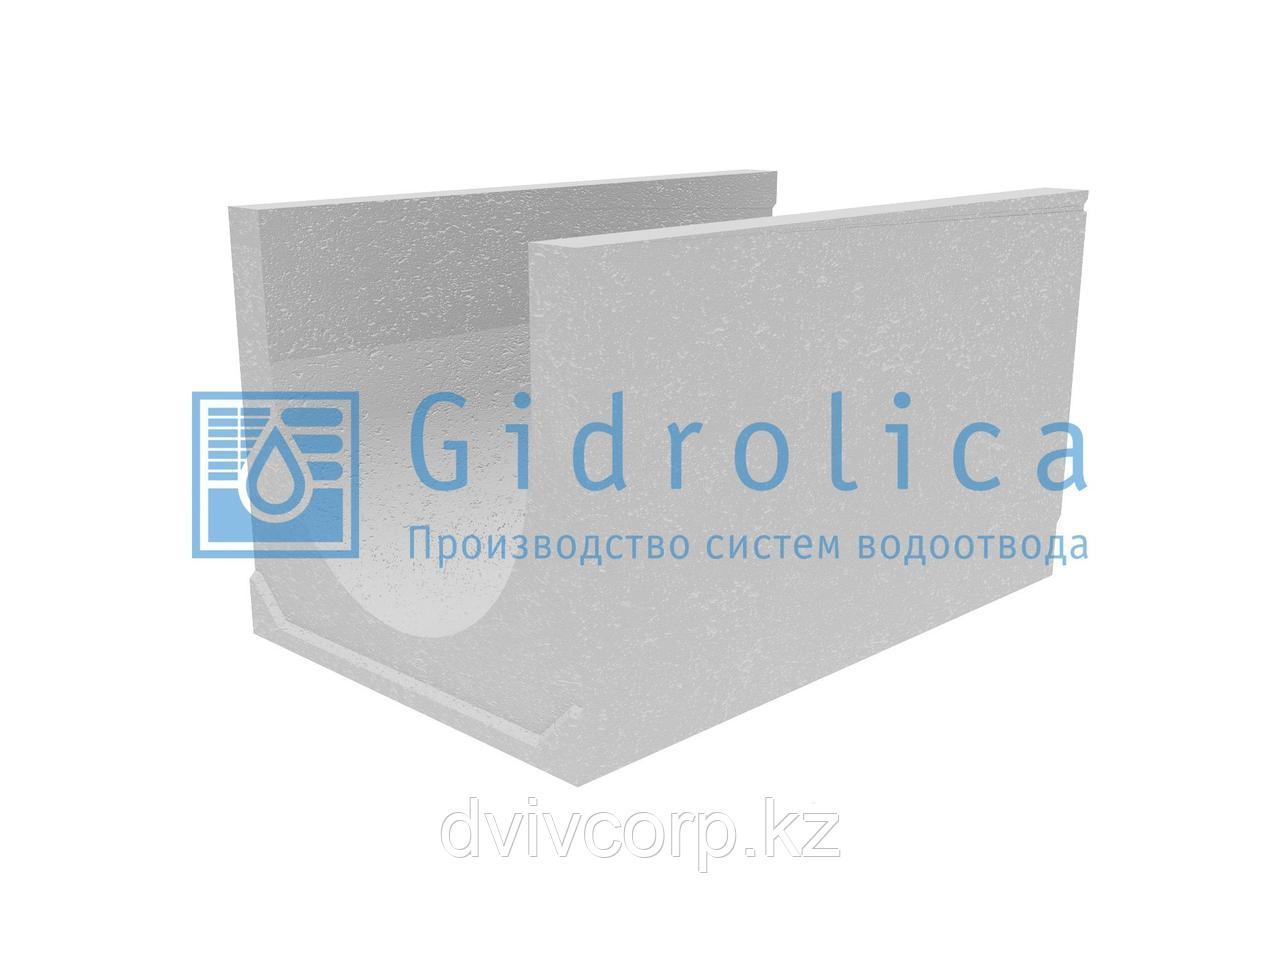 Лоток водоотводный бетонный коробчатый (СО-500мм), с уклоном 0,5%  КUу 100.65(50).59(50) - BGU-XL, № 28